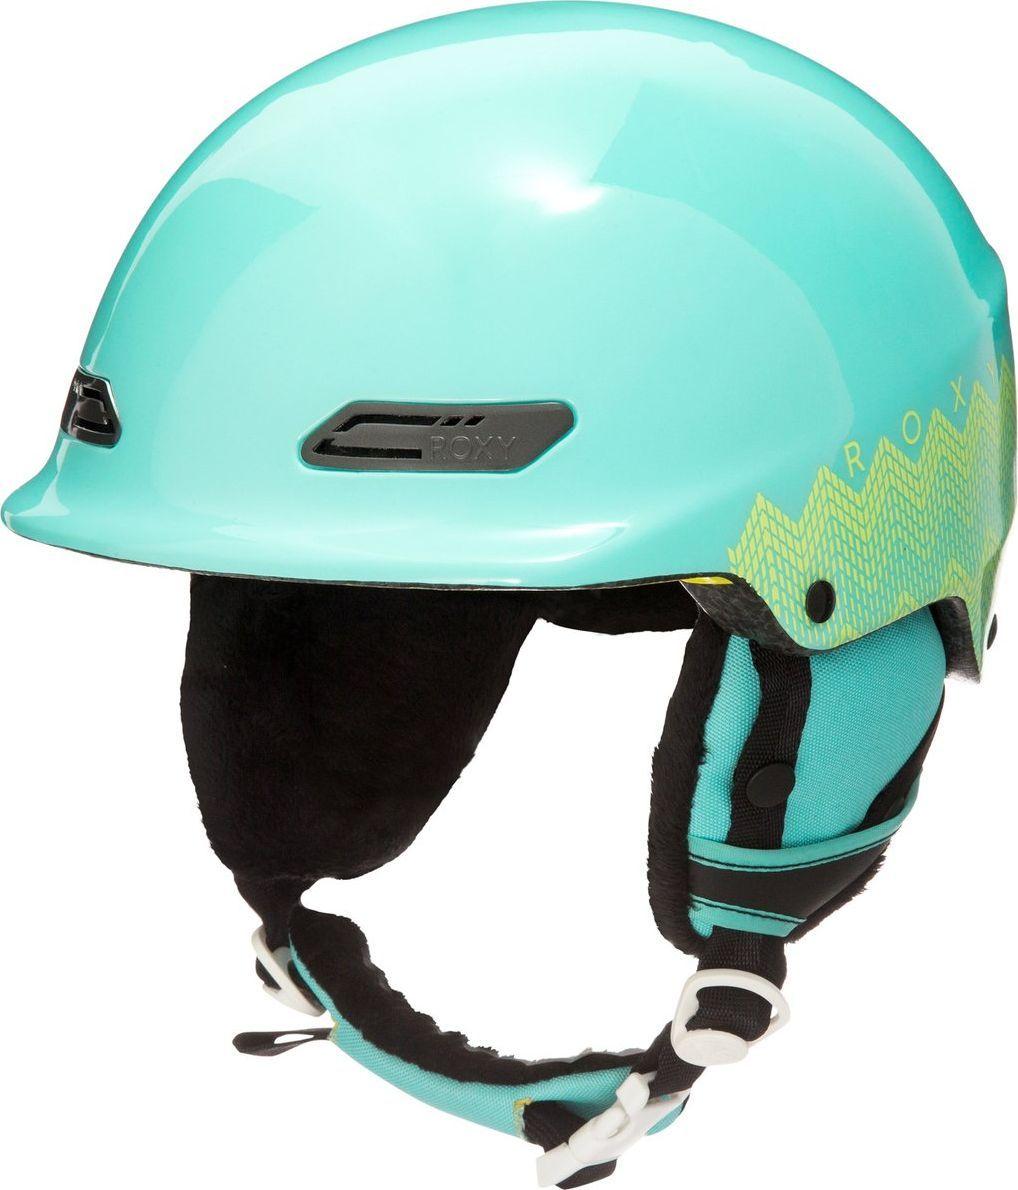 Шлем зимний женский Roxy  ERJTL03018-BFK0 , цвет: бирюзовый. Размер 56 - Горные лыжи